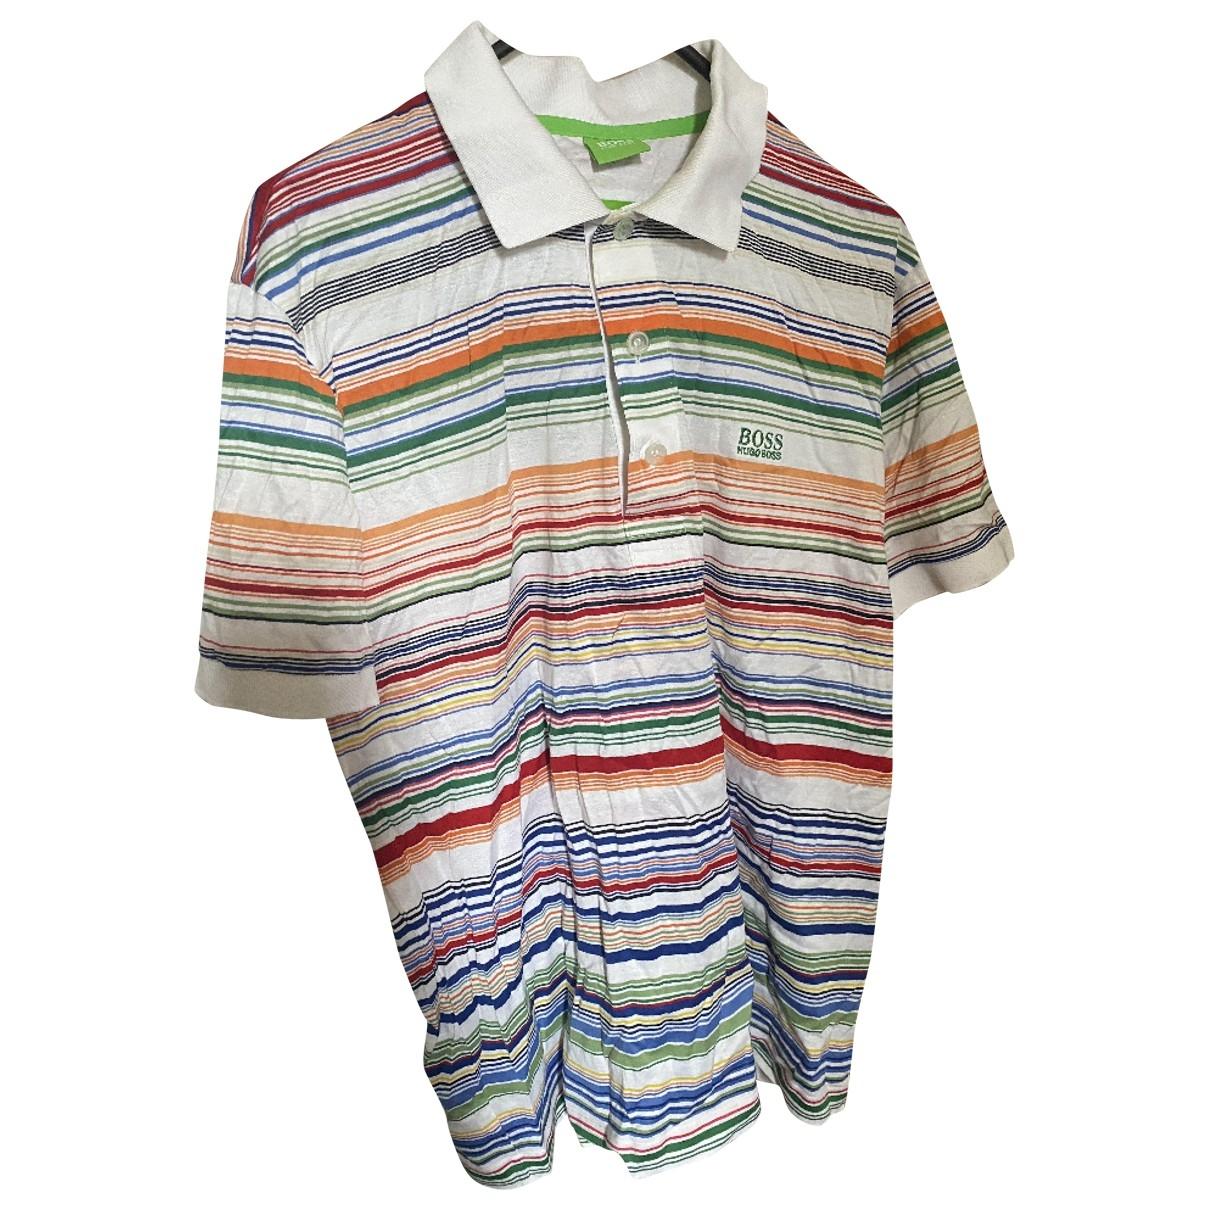 Boss - Polos   pour homme en coton - multicolore